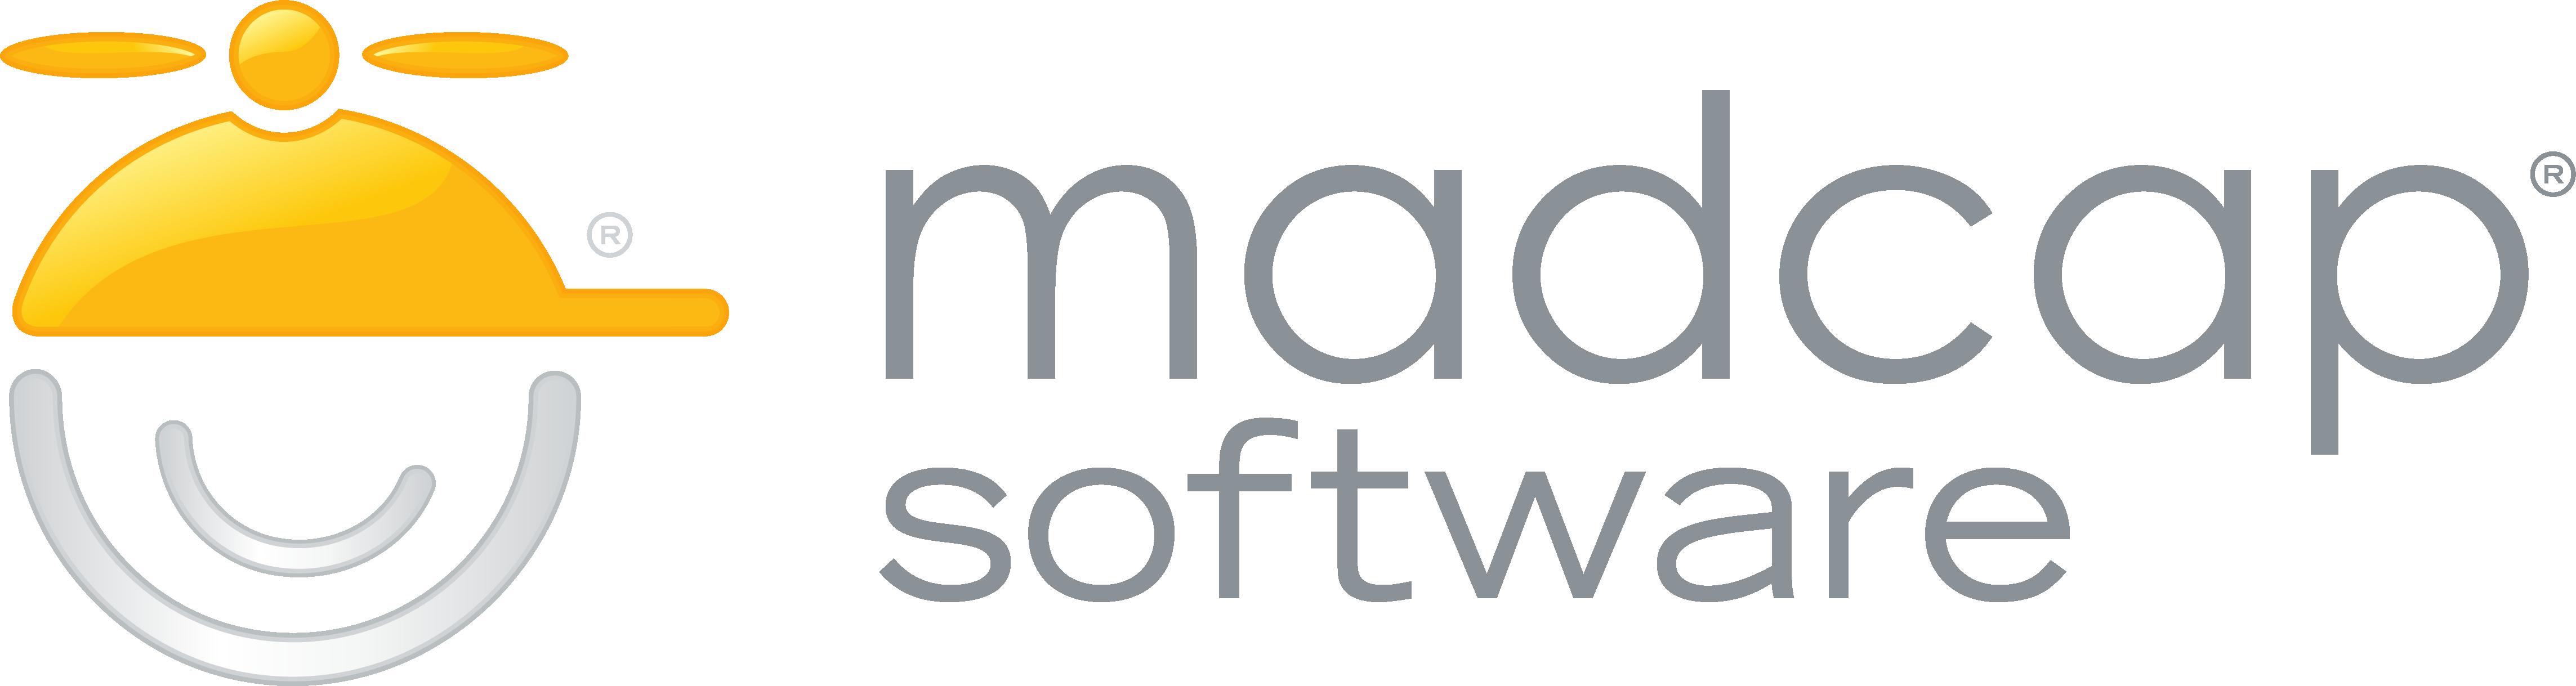 MadCap Software, Inc. logo